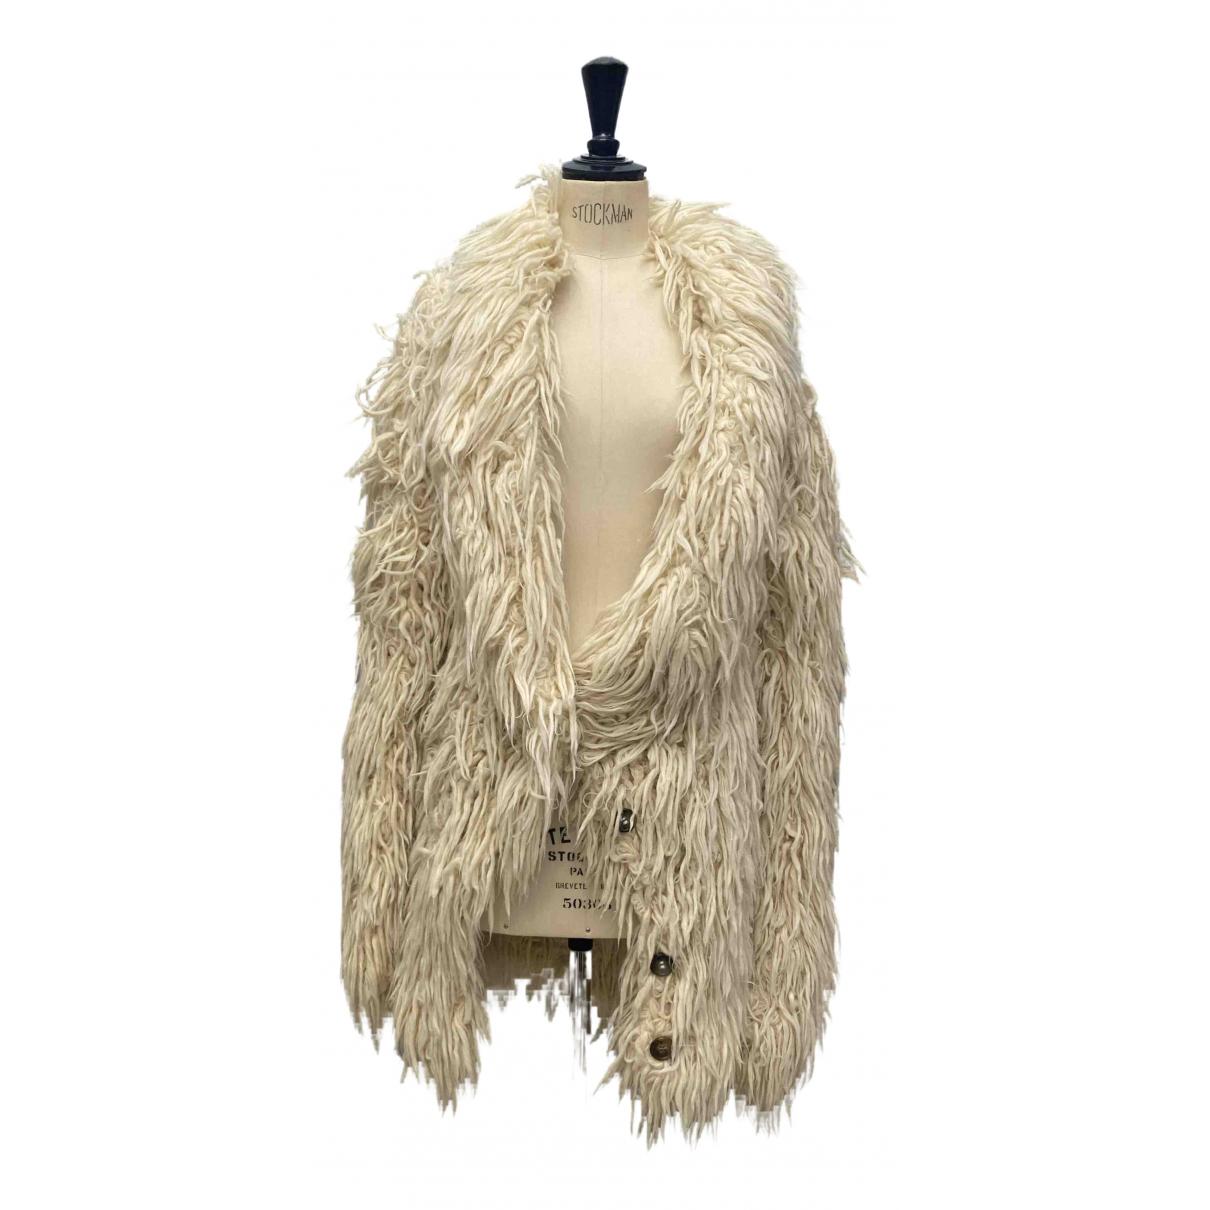 Maison Martin Margiela - Manteau   pour femme en laine - blanc